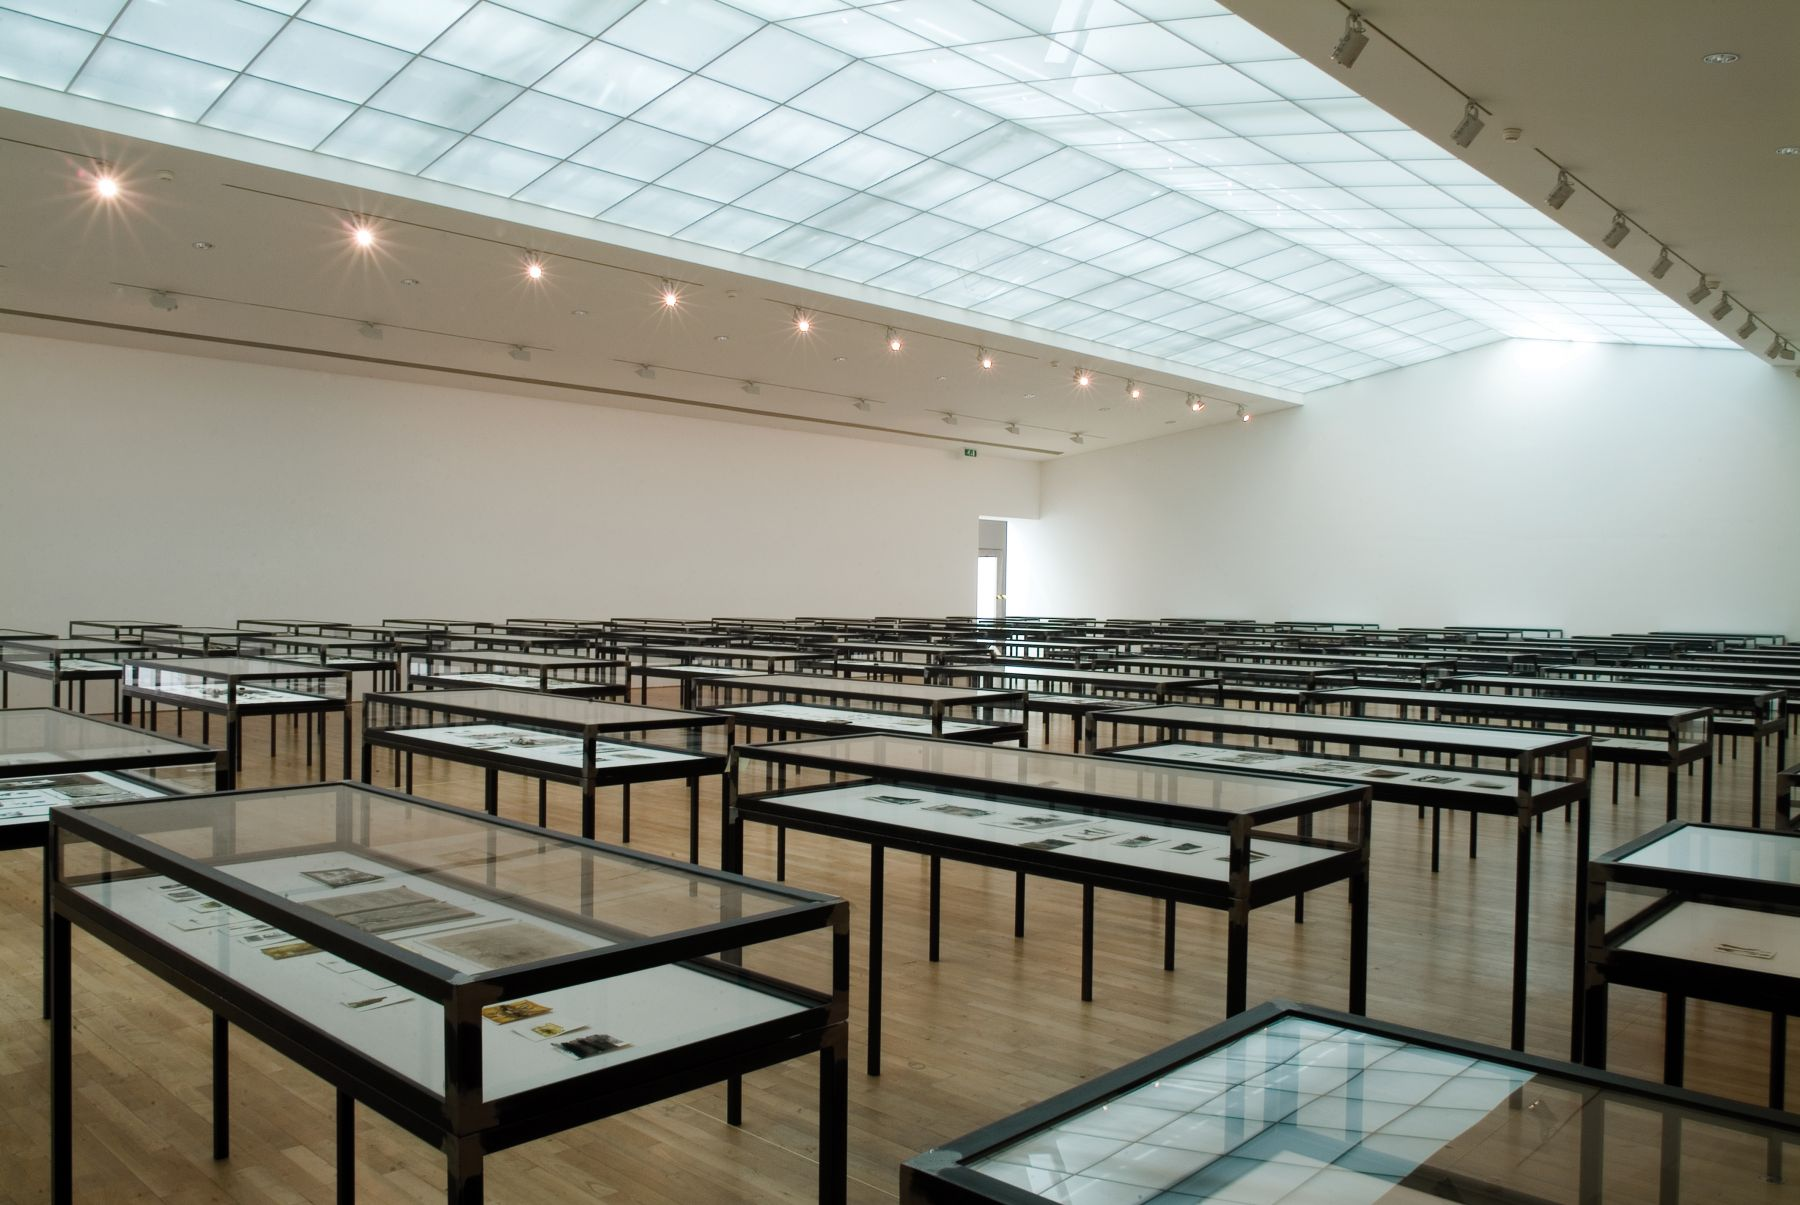 Universe, 2002–06Installation viewStedelijk Museum voor Actuele Kunst (S.M.A.K.) (2006)